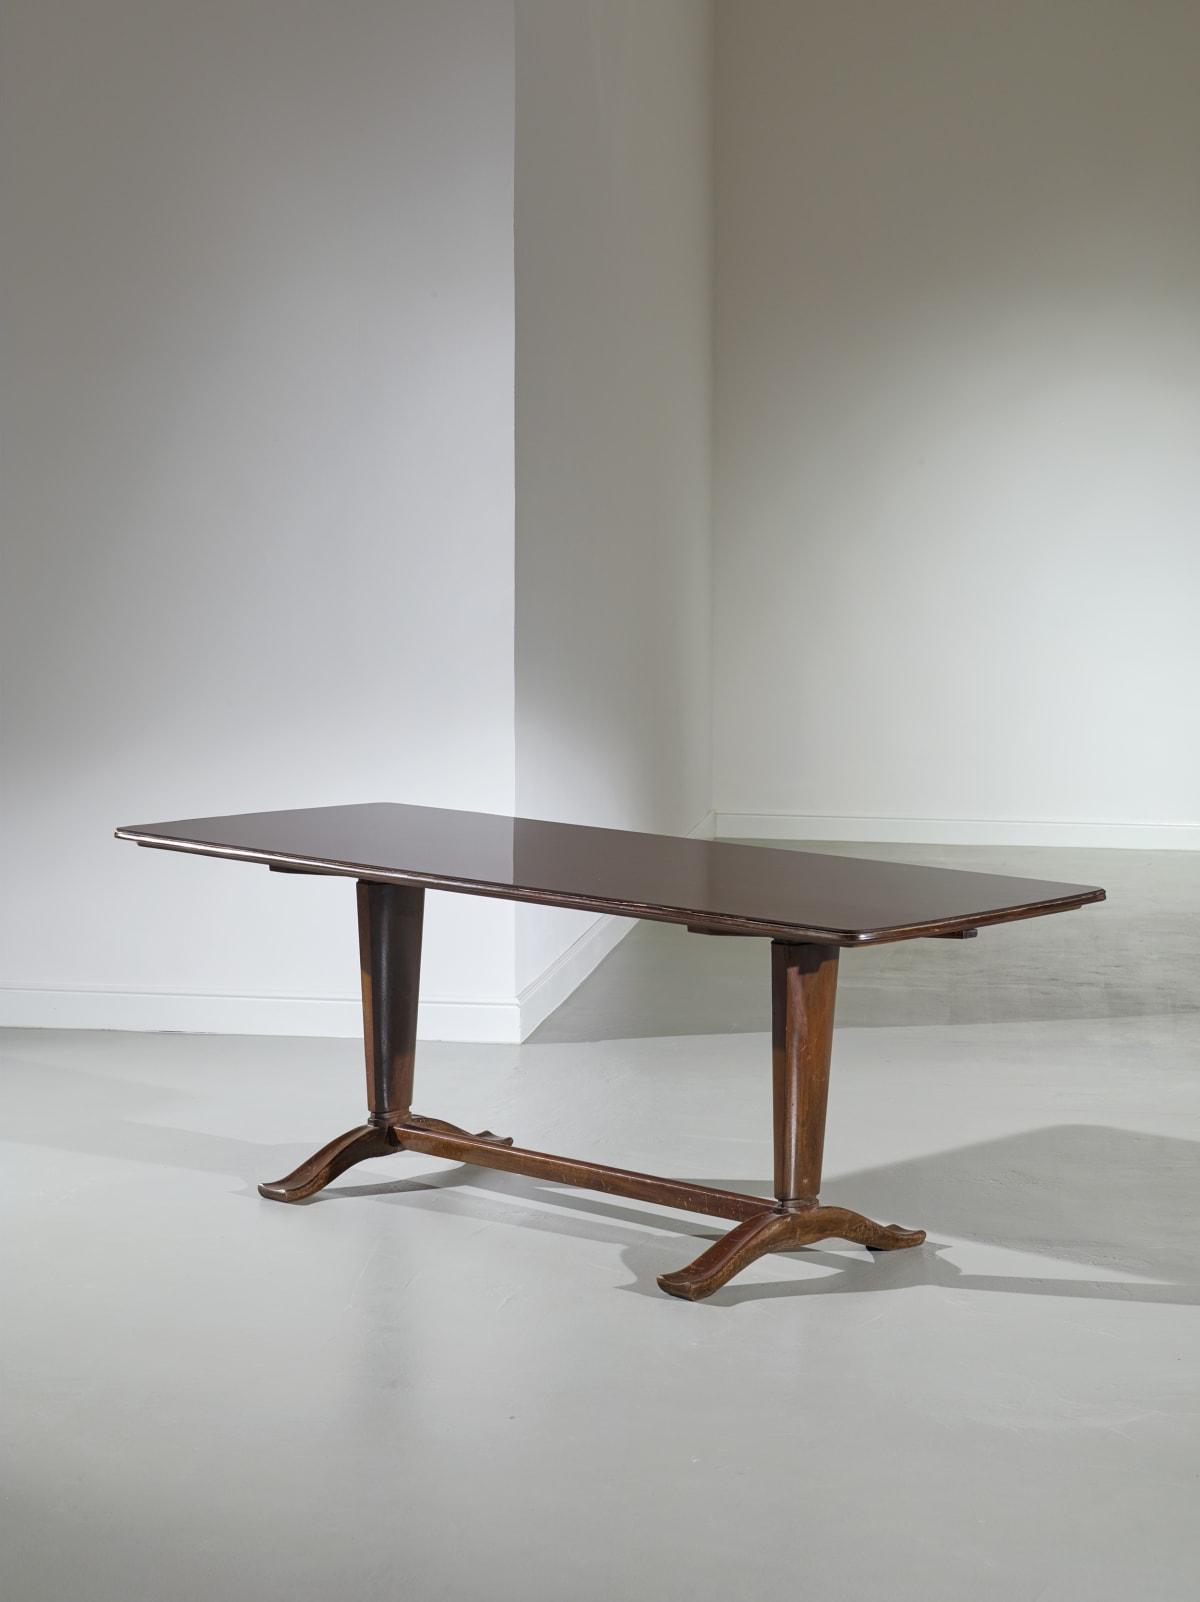 Osvaldo Borsani Dining table 1948 Walnut and cut crystal Production of Borsani furnishings 1948 74 x 200 x 86 cm